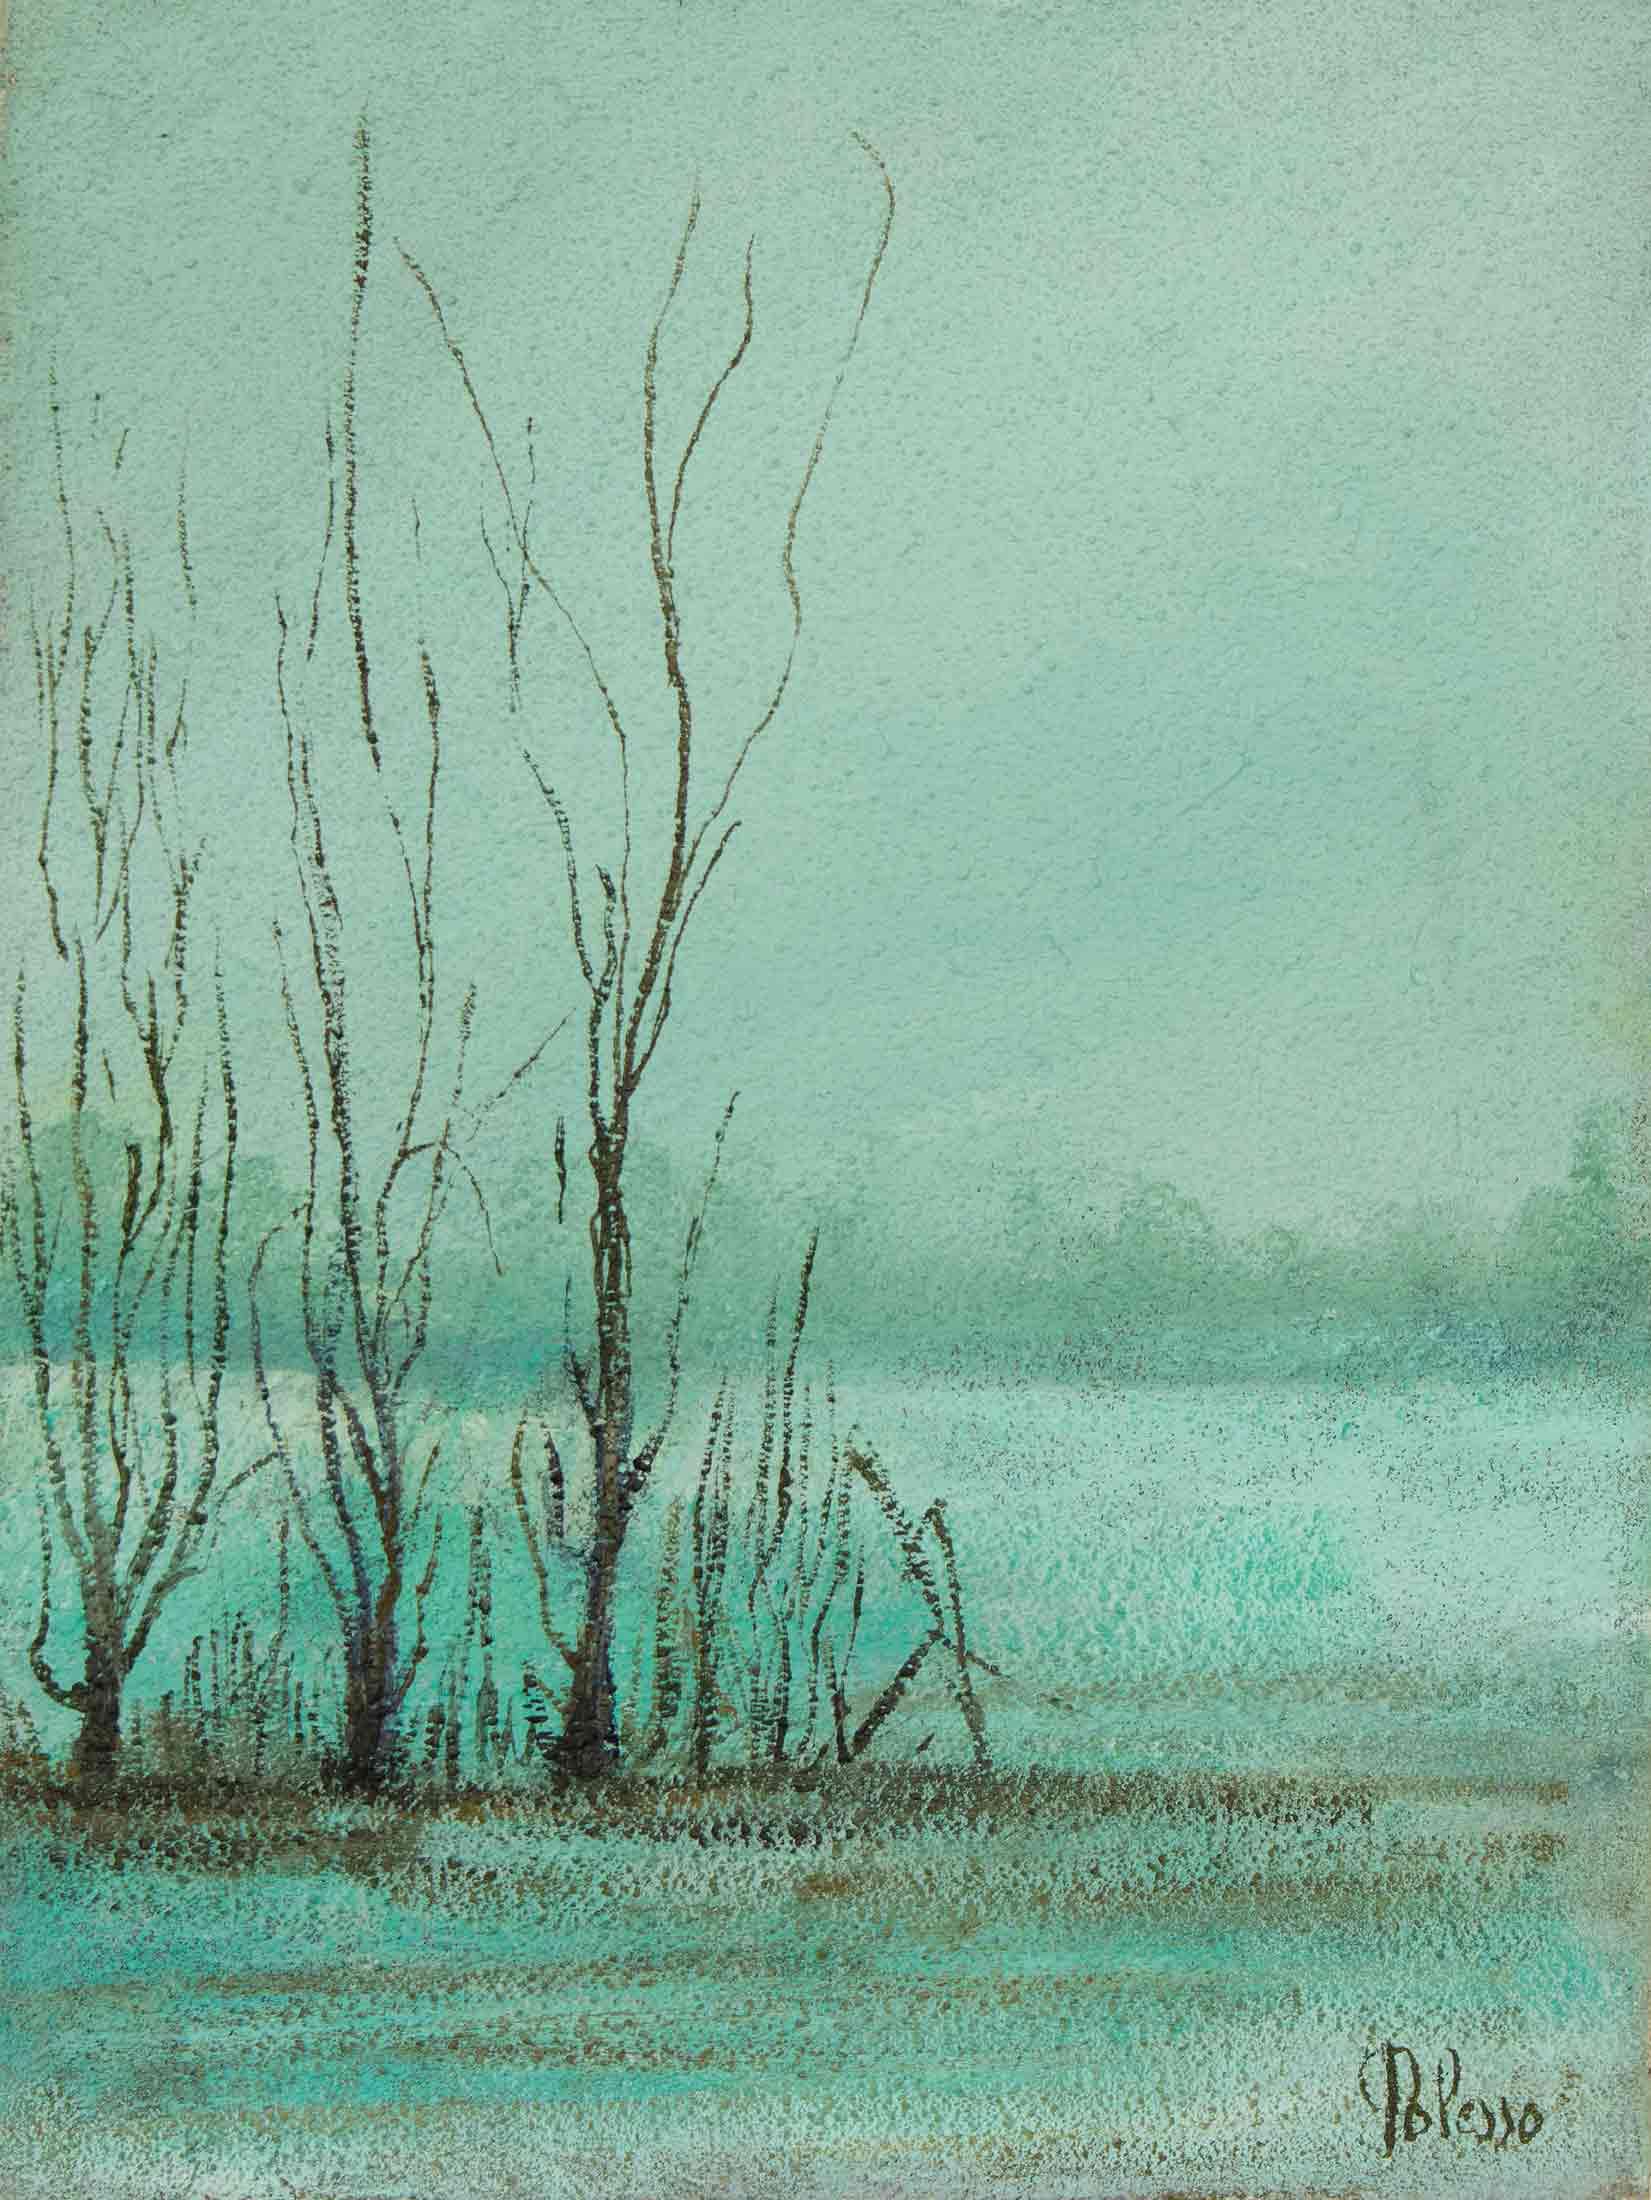 quadro paesaggio campagna lombarda, olio su tela, pittore chiarista polesso fulvio milano